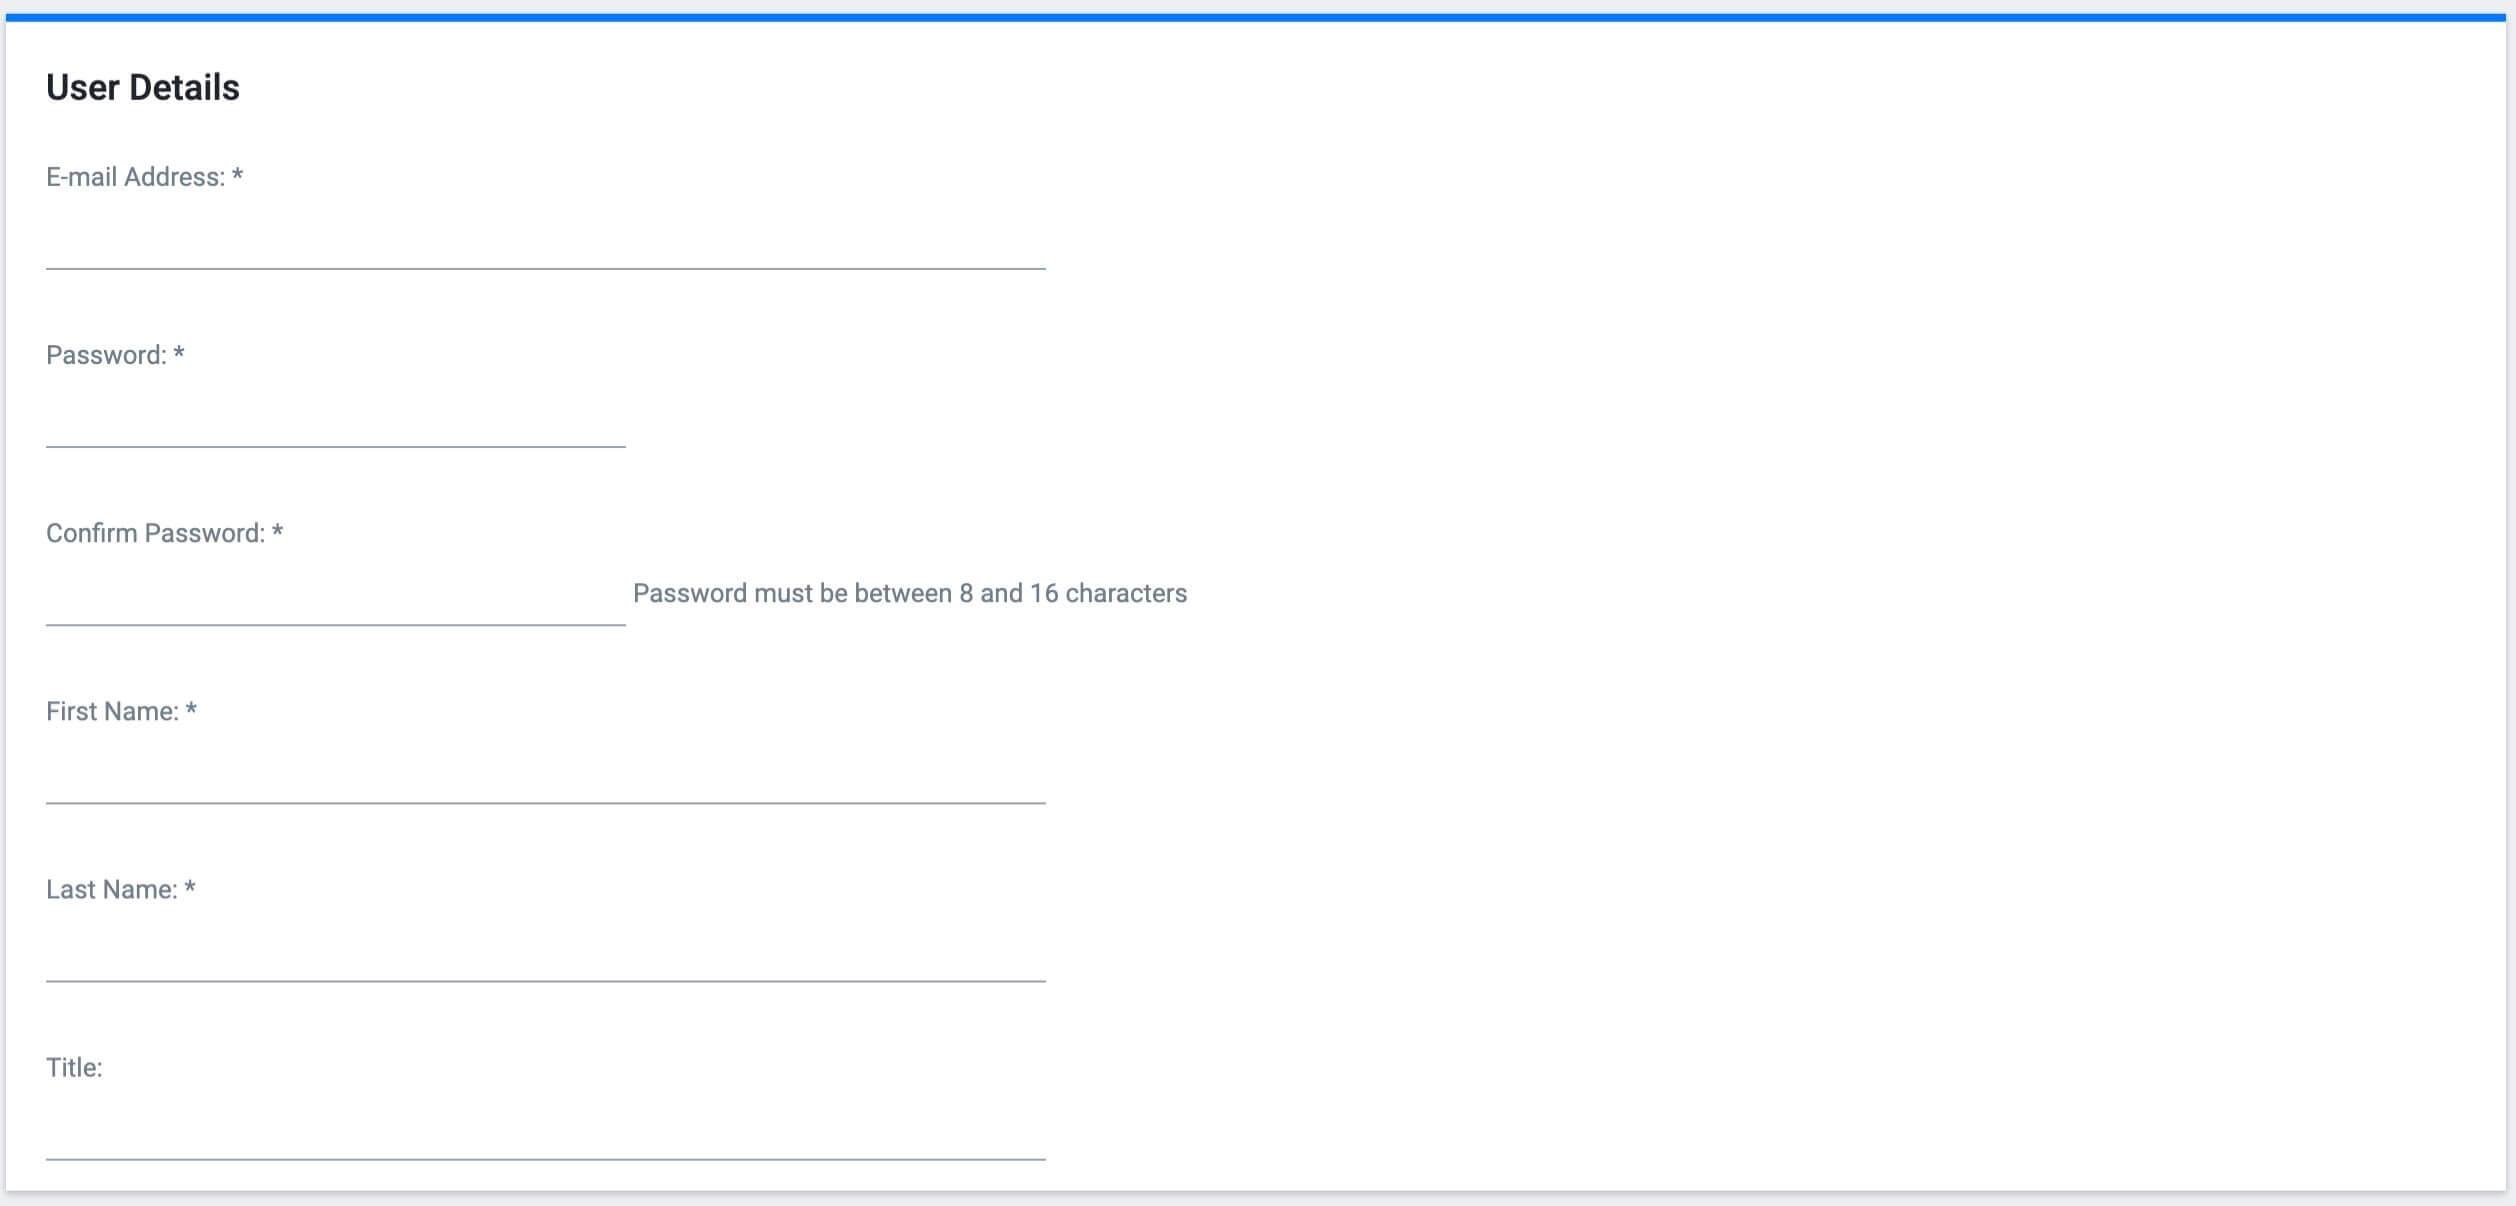 Hoàn thiện form đăng ký thứ hai tại DYNU IN MEDIA